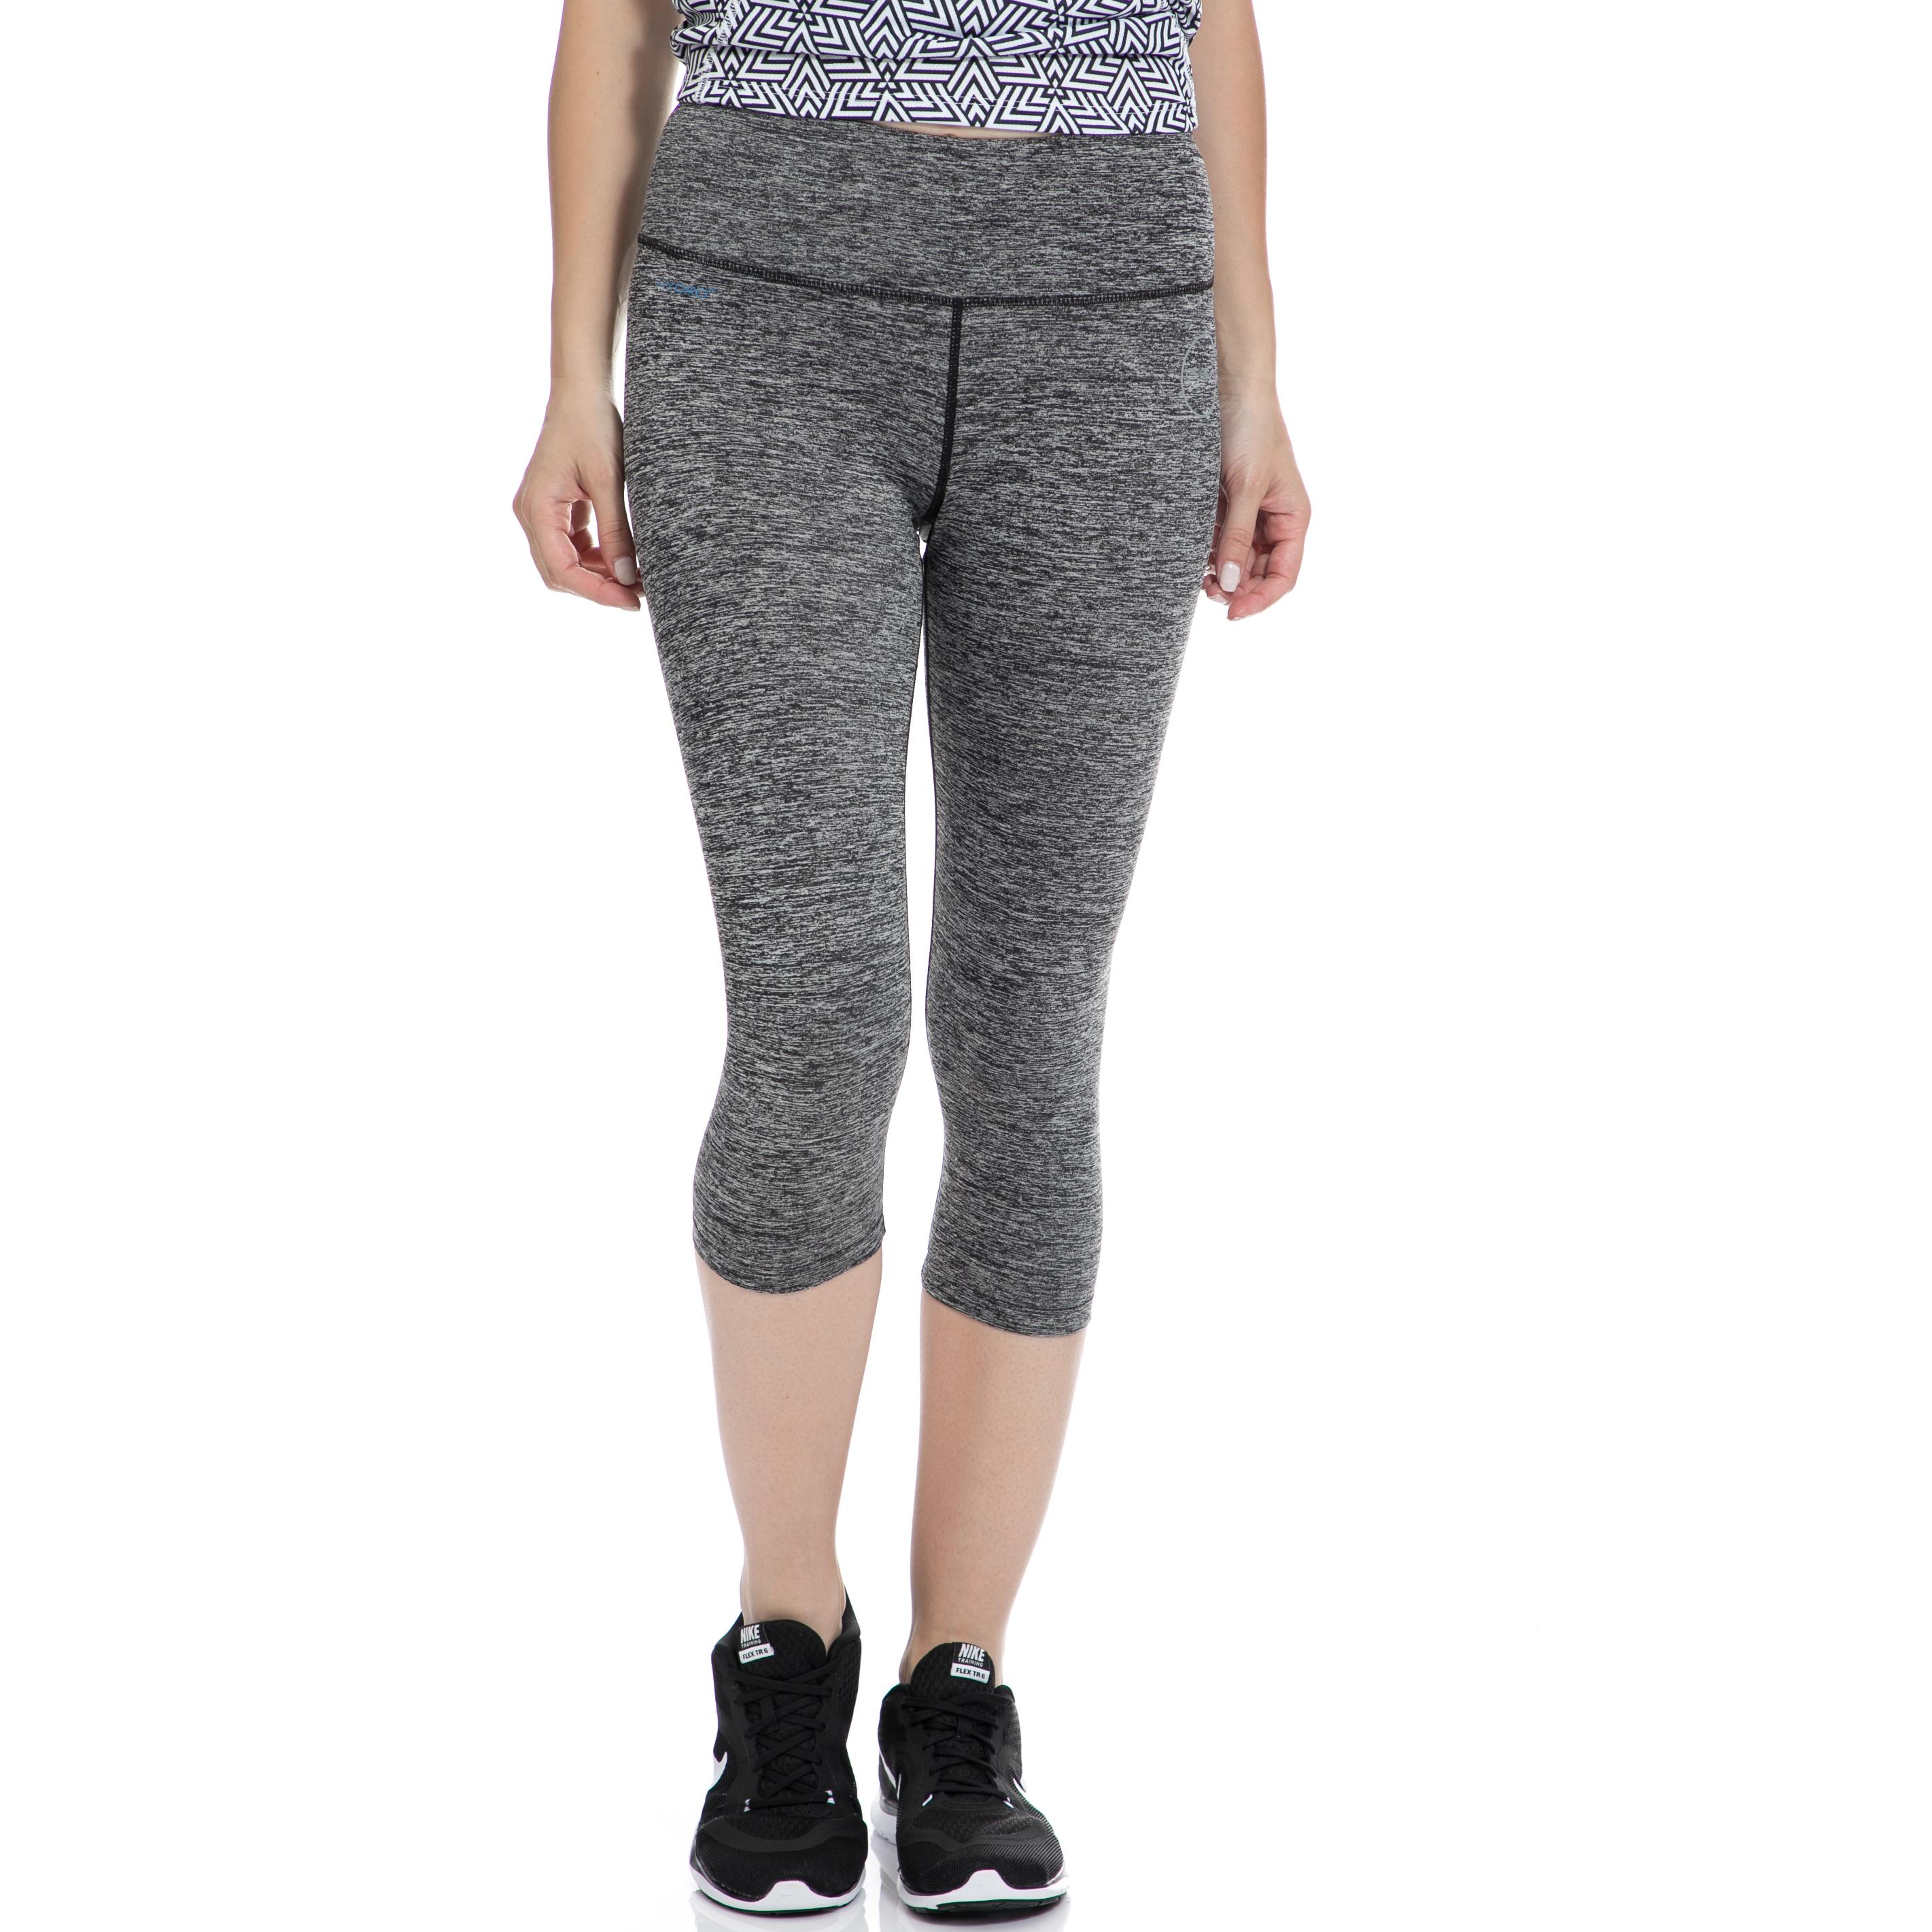 ccde6e05c9b7 GSA – Γυναικείο κολάν GSA γκρι – Online Ρούχα